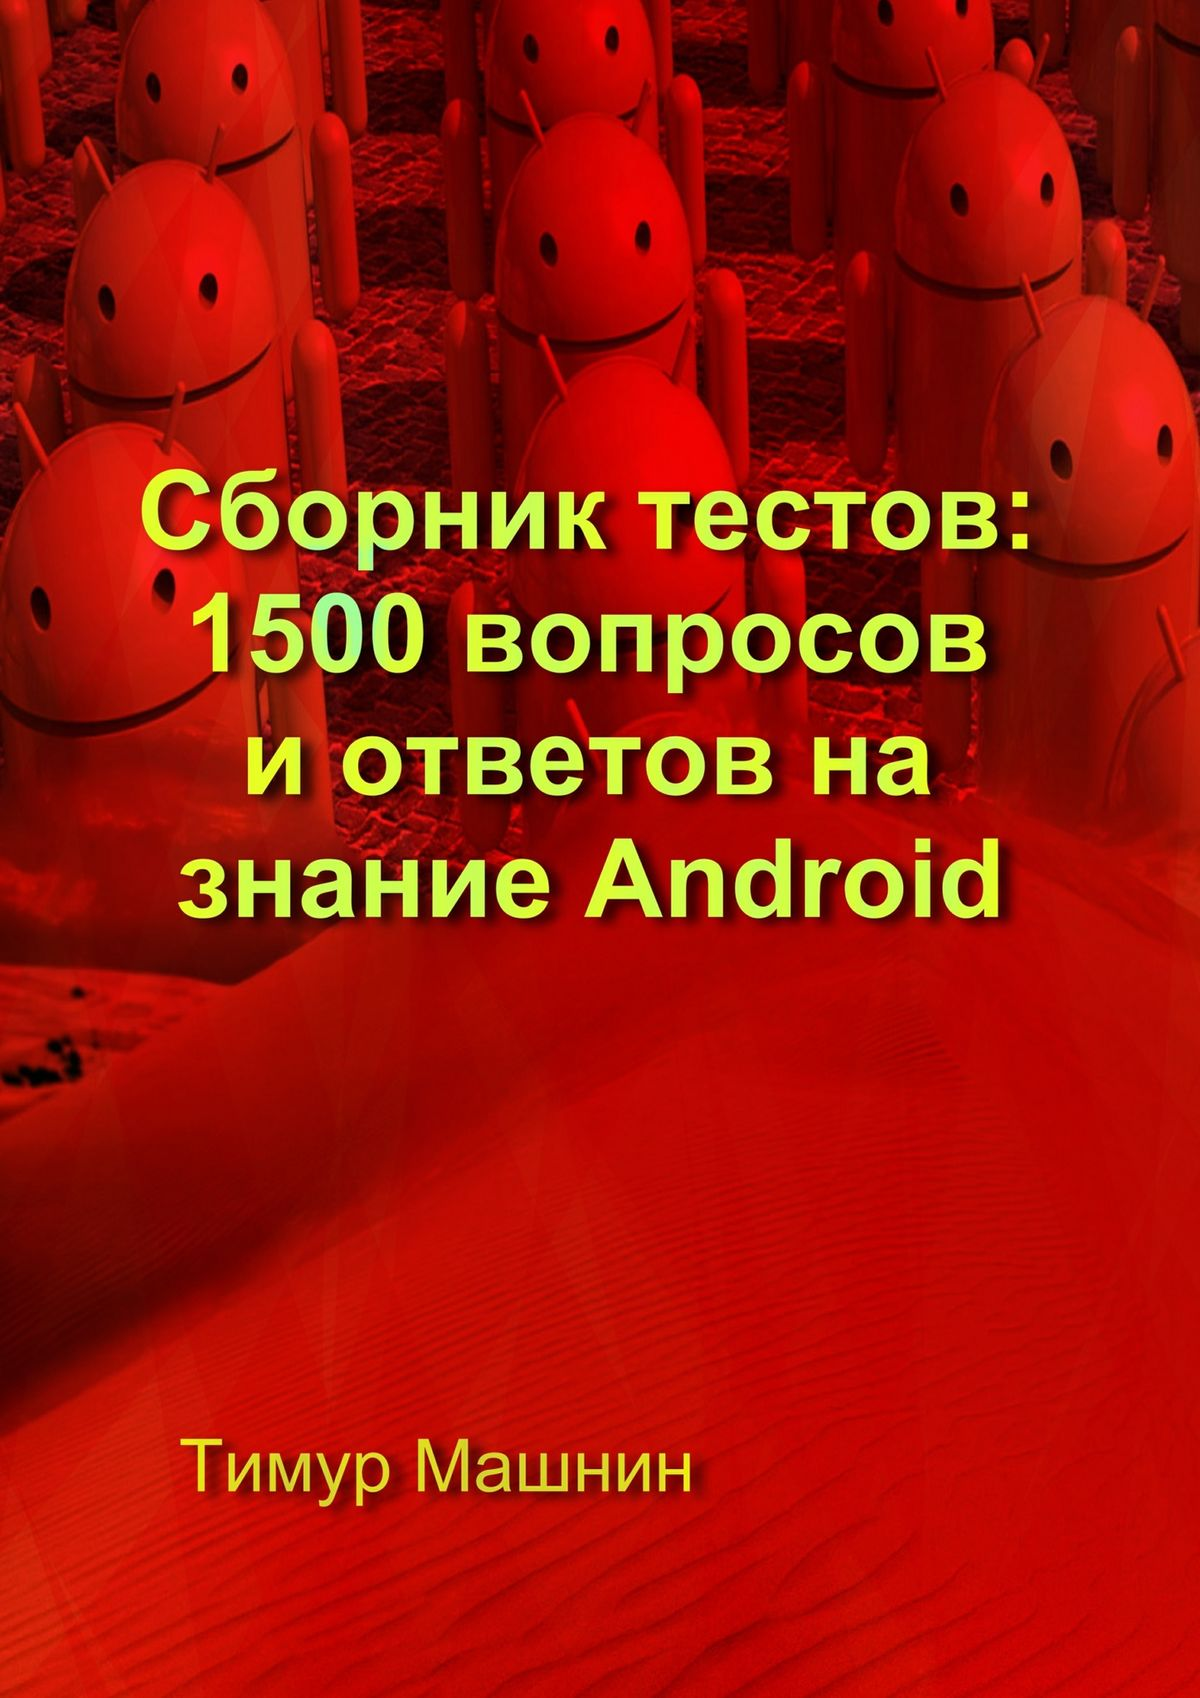 Фото - Тимур Машнин Сборник тестов: 1500вопросов иответов назнание Android тимур машнин bootstrap быстрое создание современных сайтов